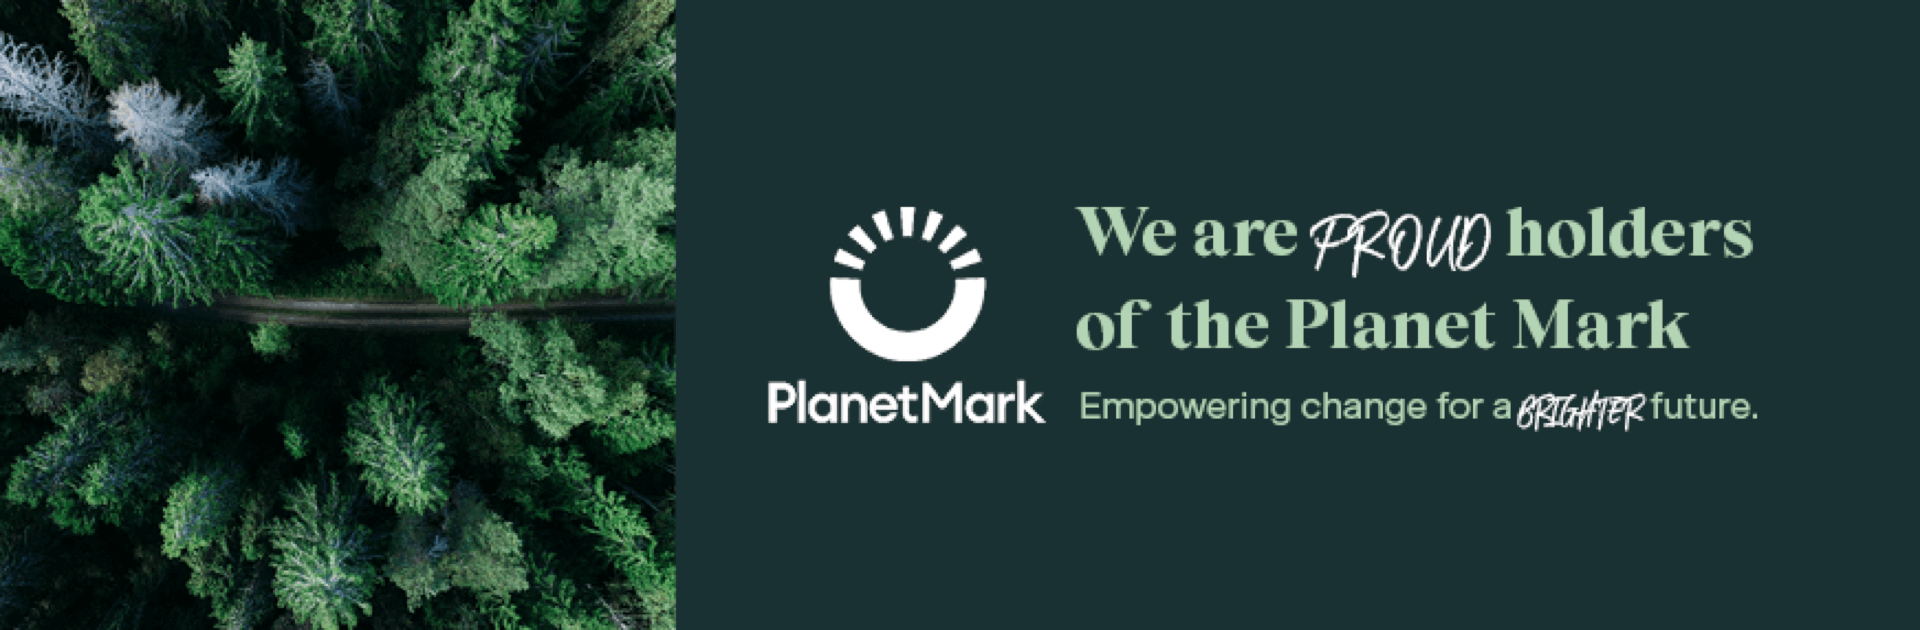 Proud Holders of PlanetMark